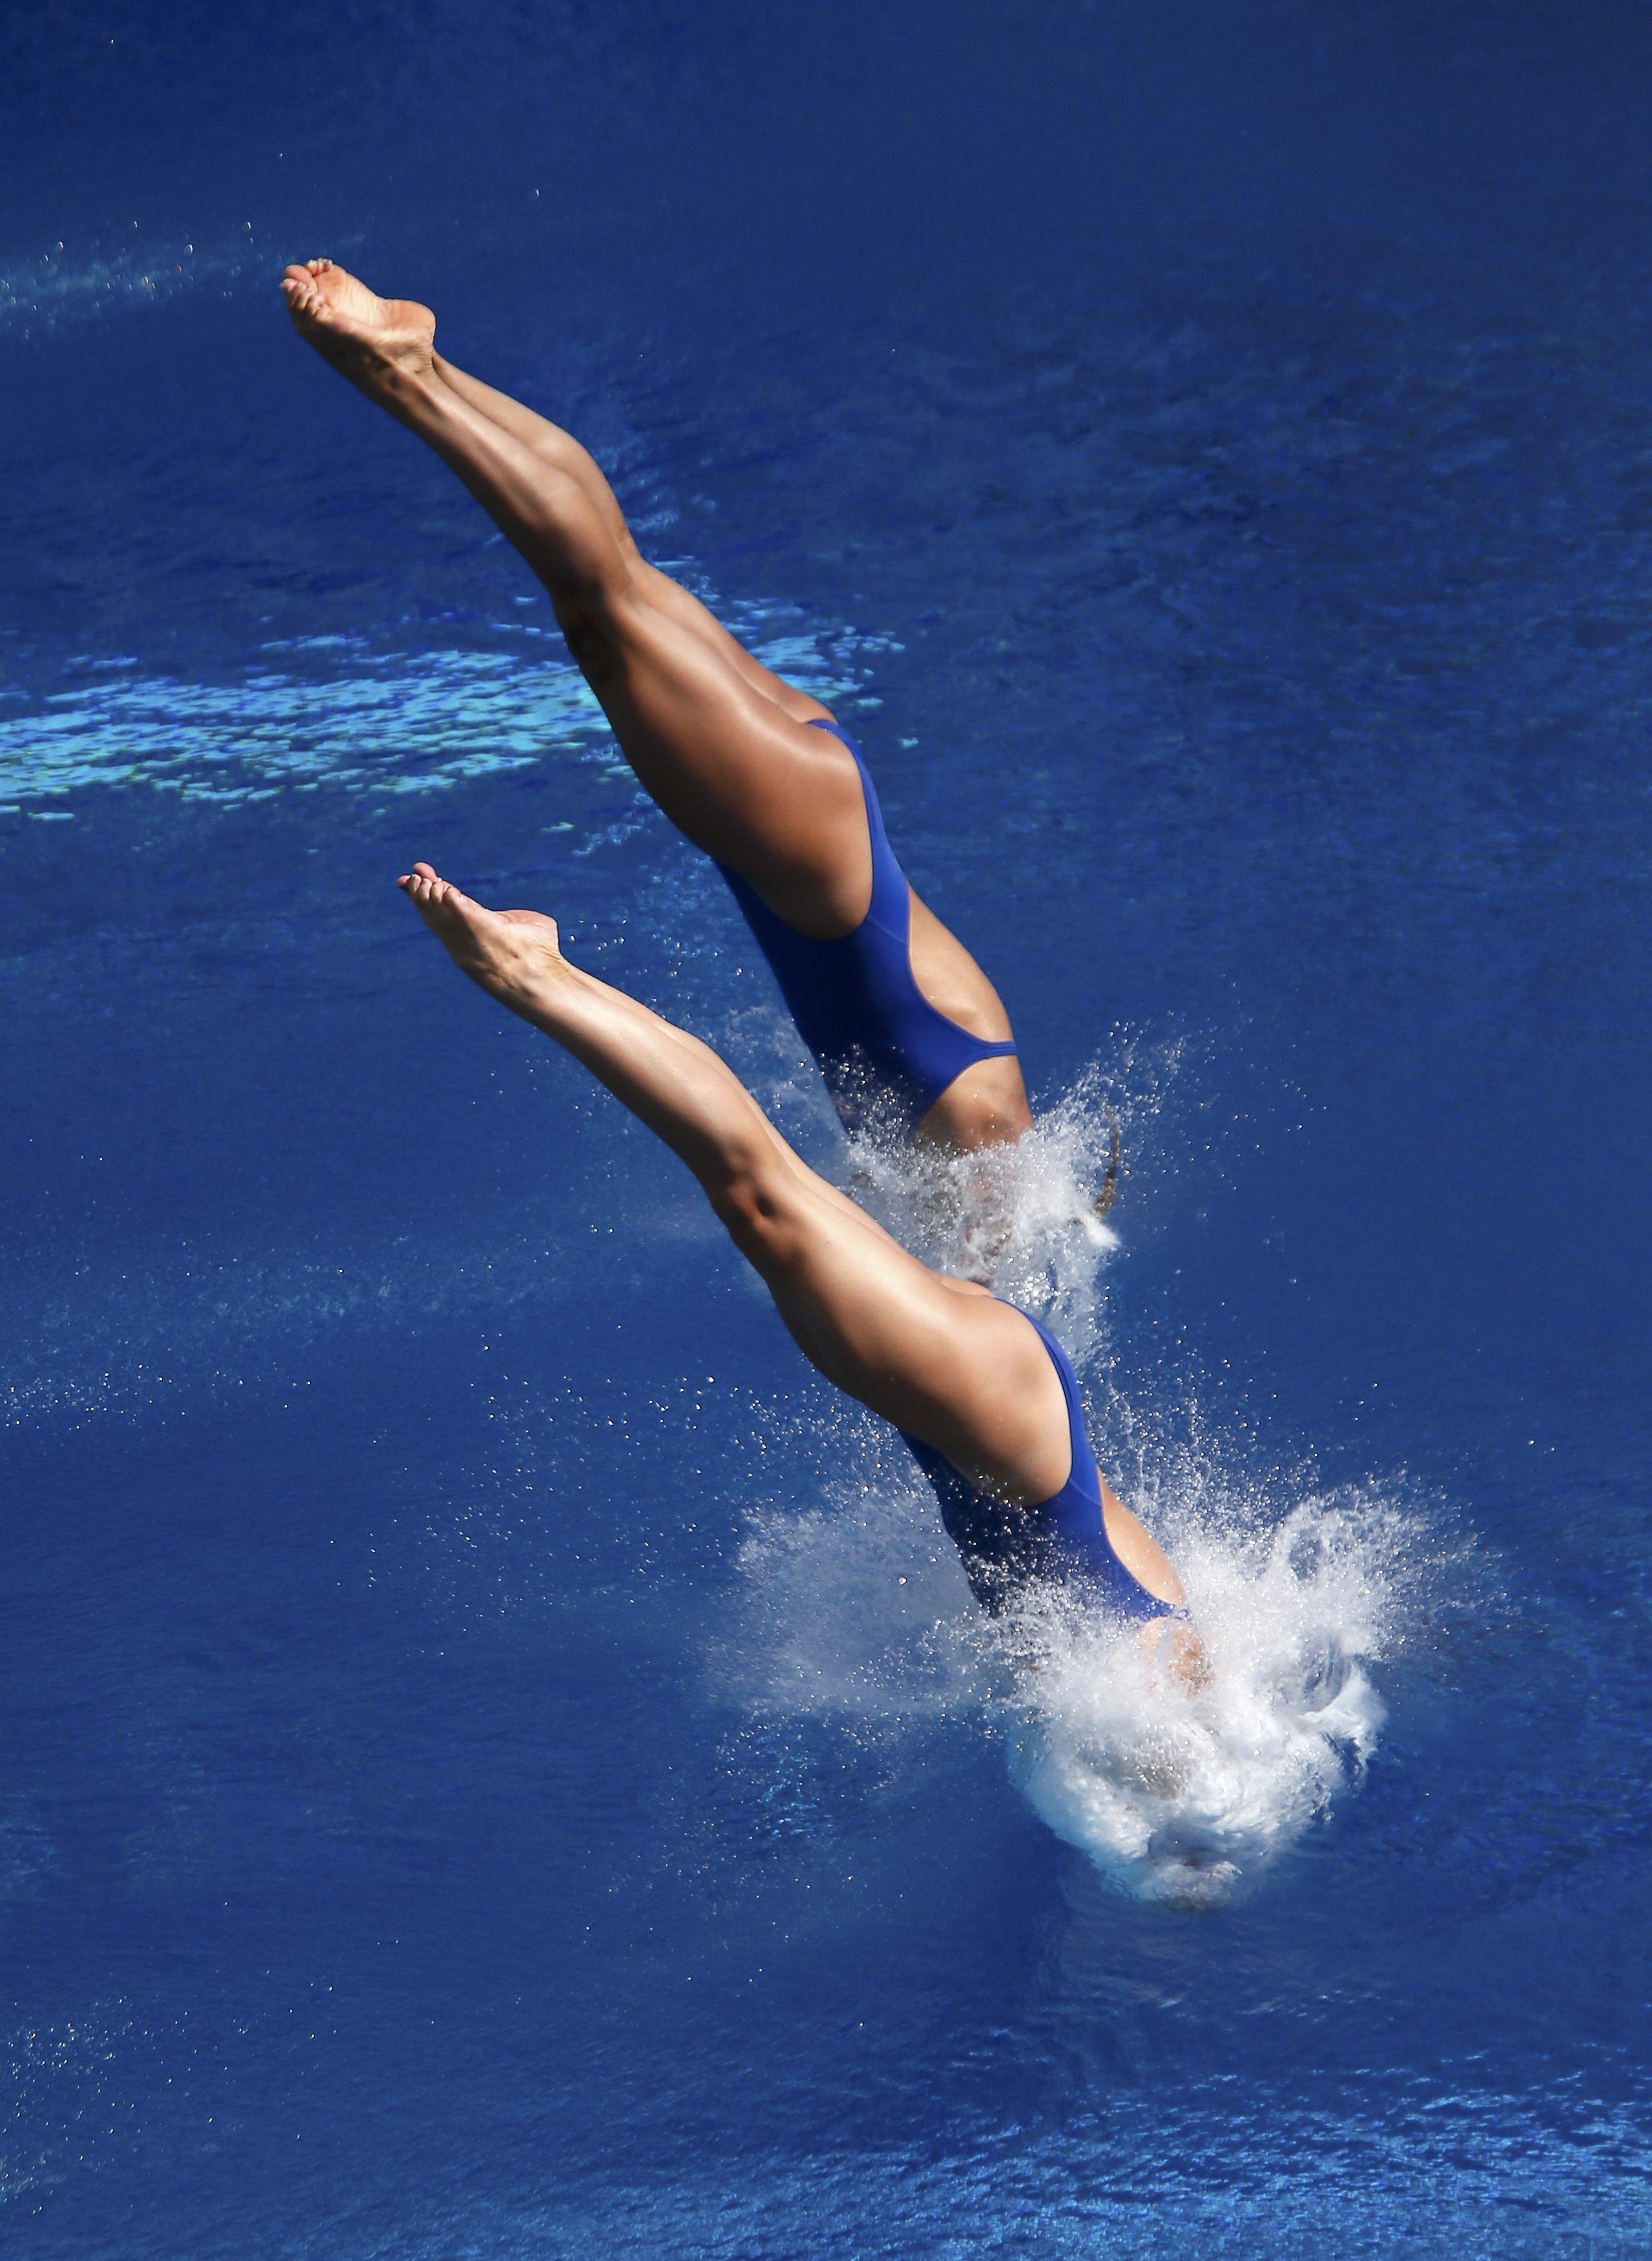 Девушки водных видов спорта фото